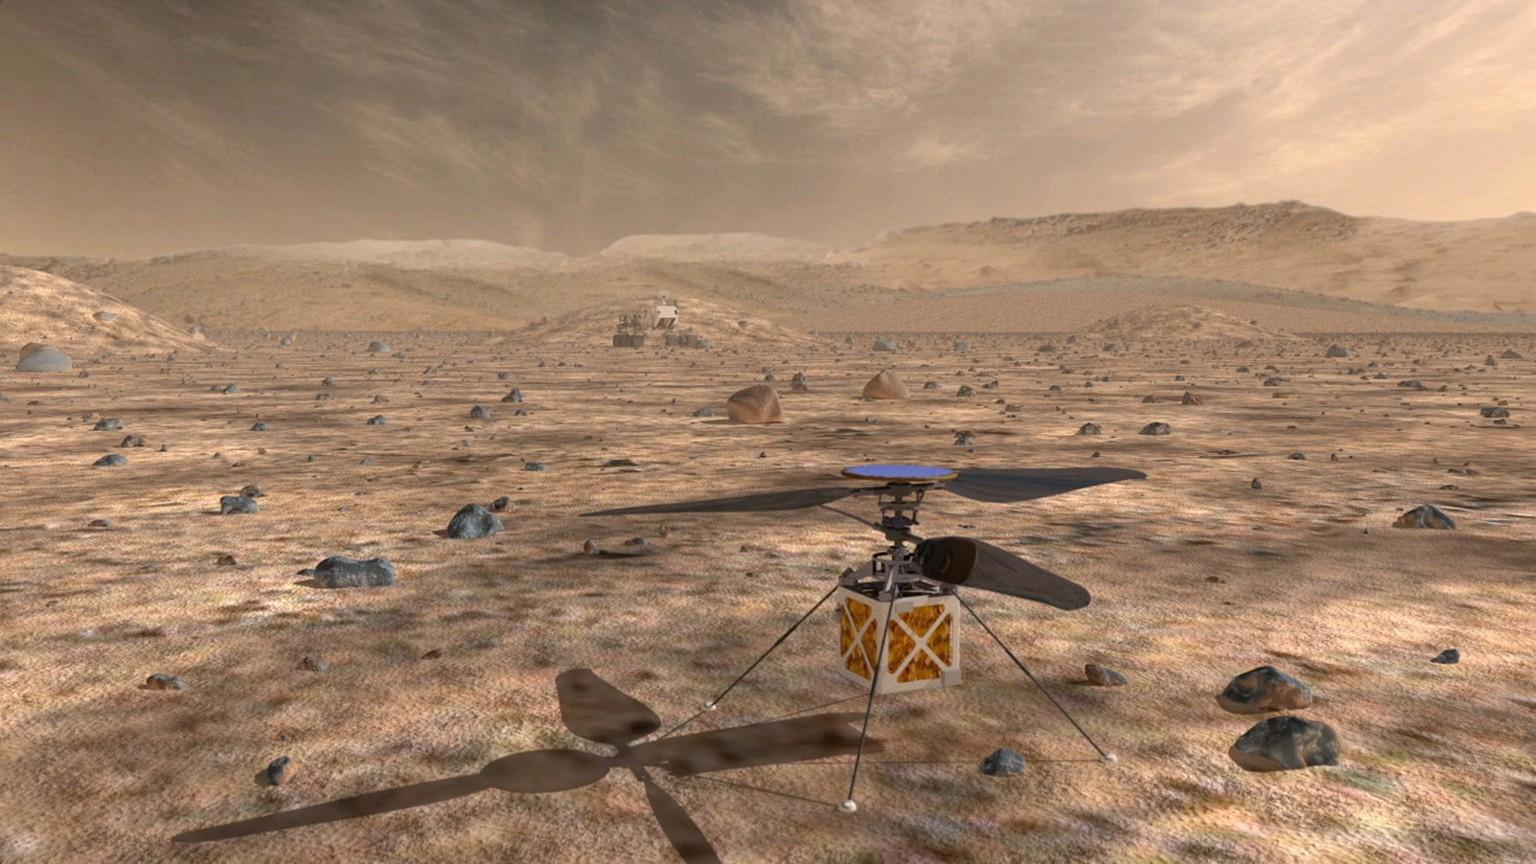 Hubschrauber soll Mars erkunden